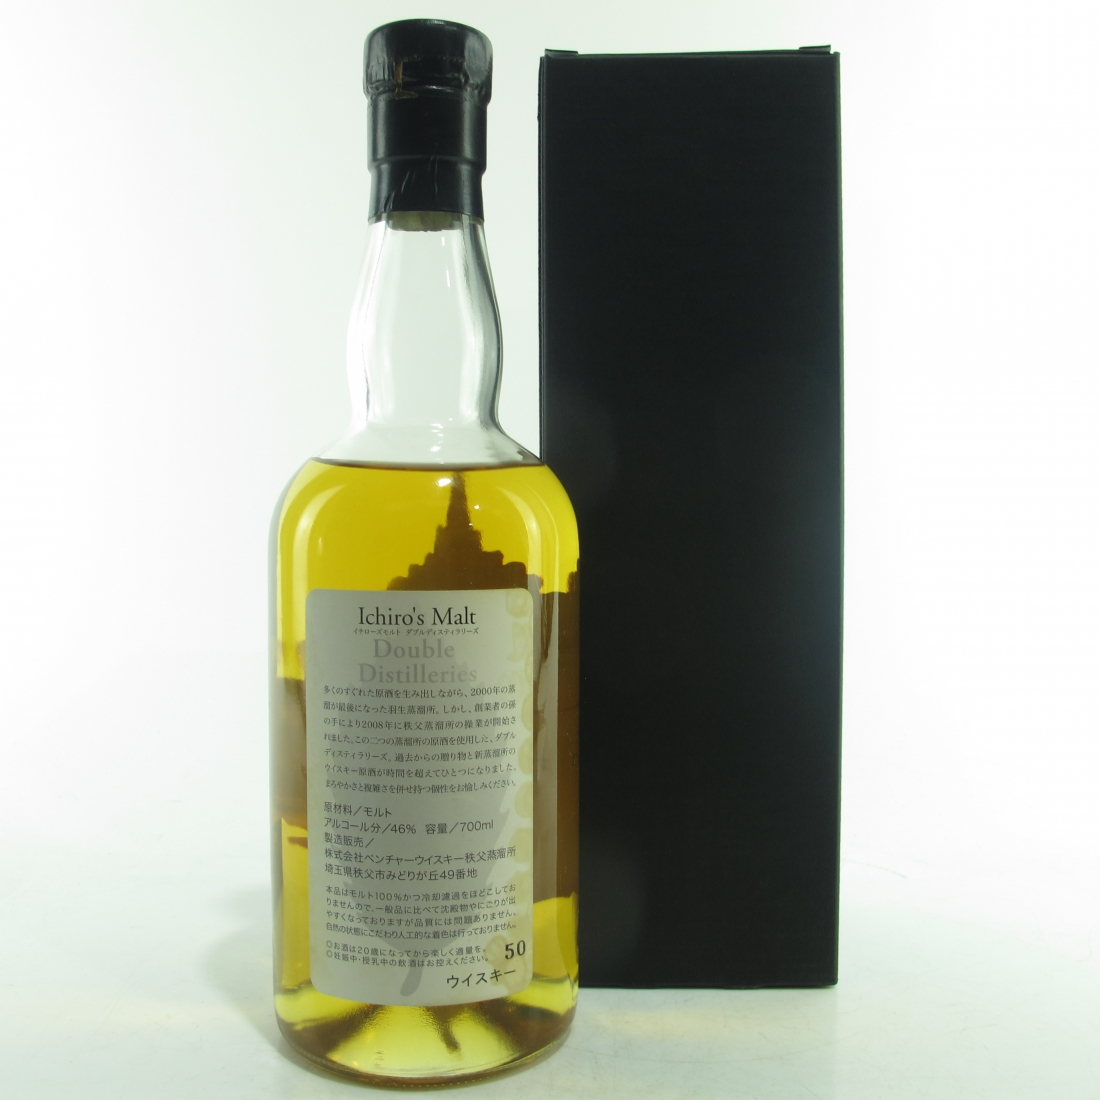 Ichiro's Malt Double Distilleries / Hanyu and Chichibu